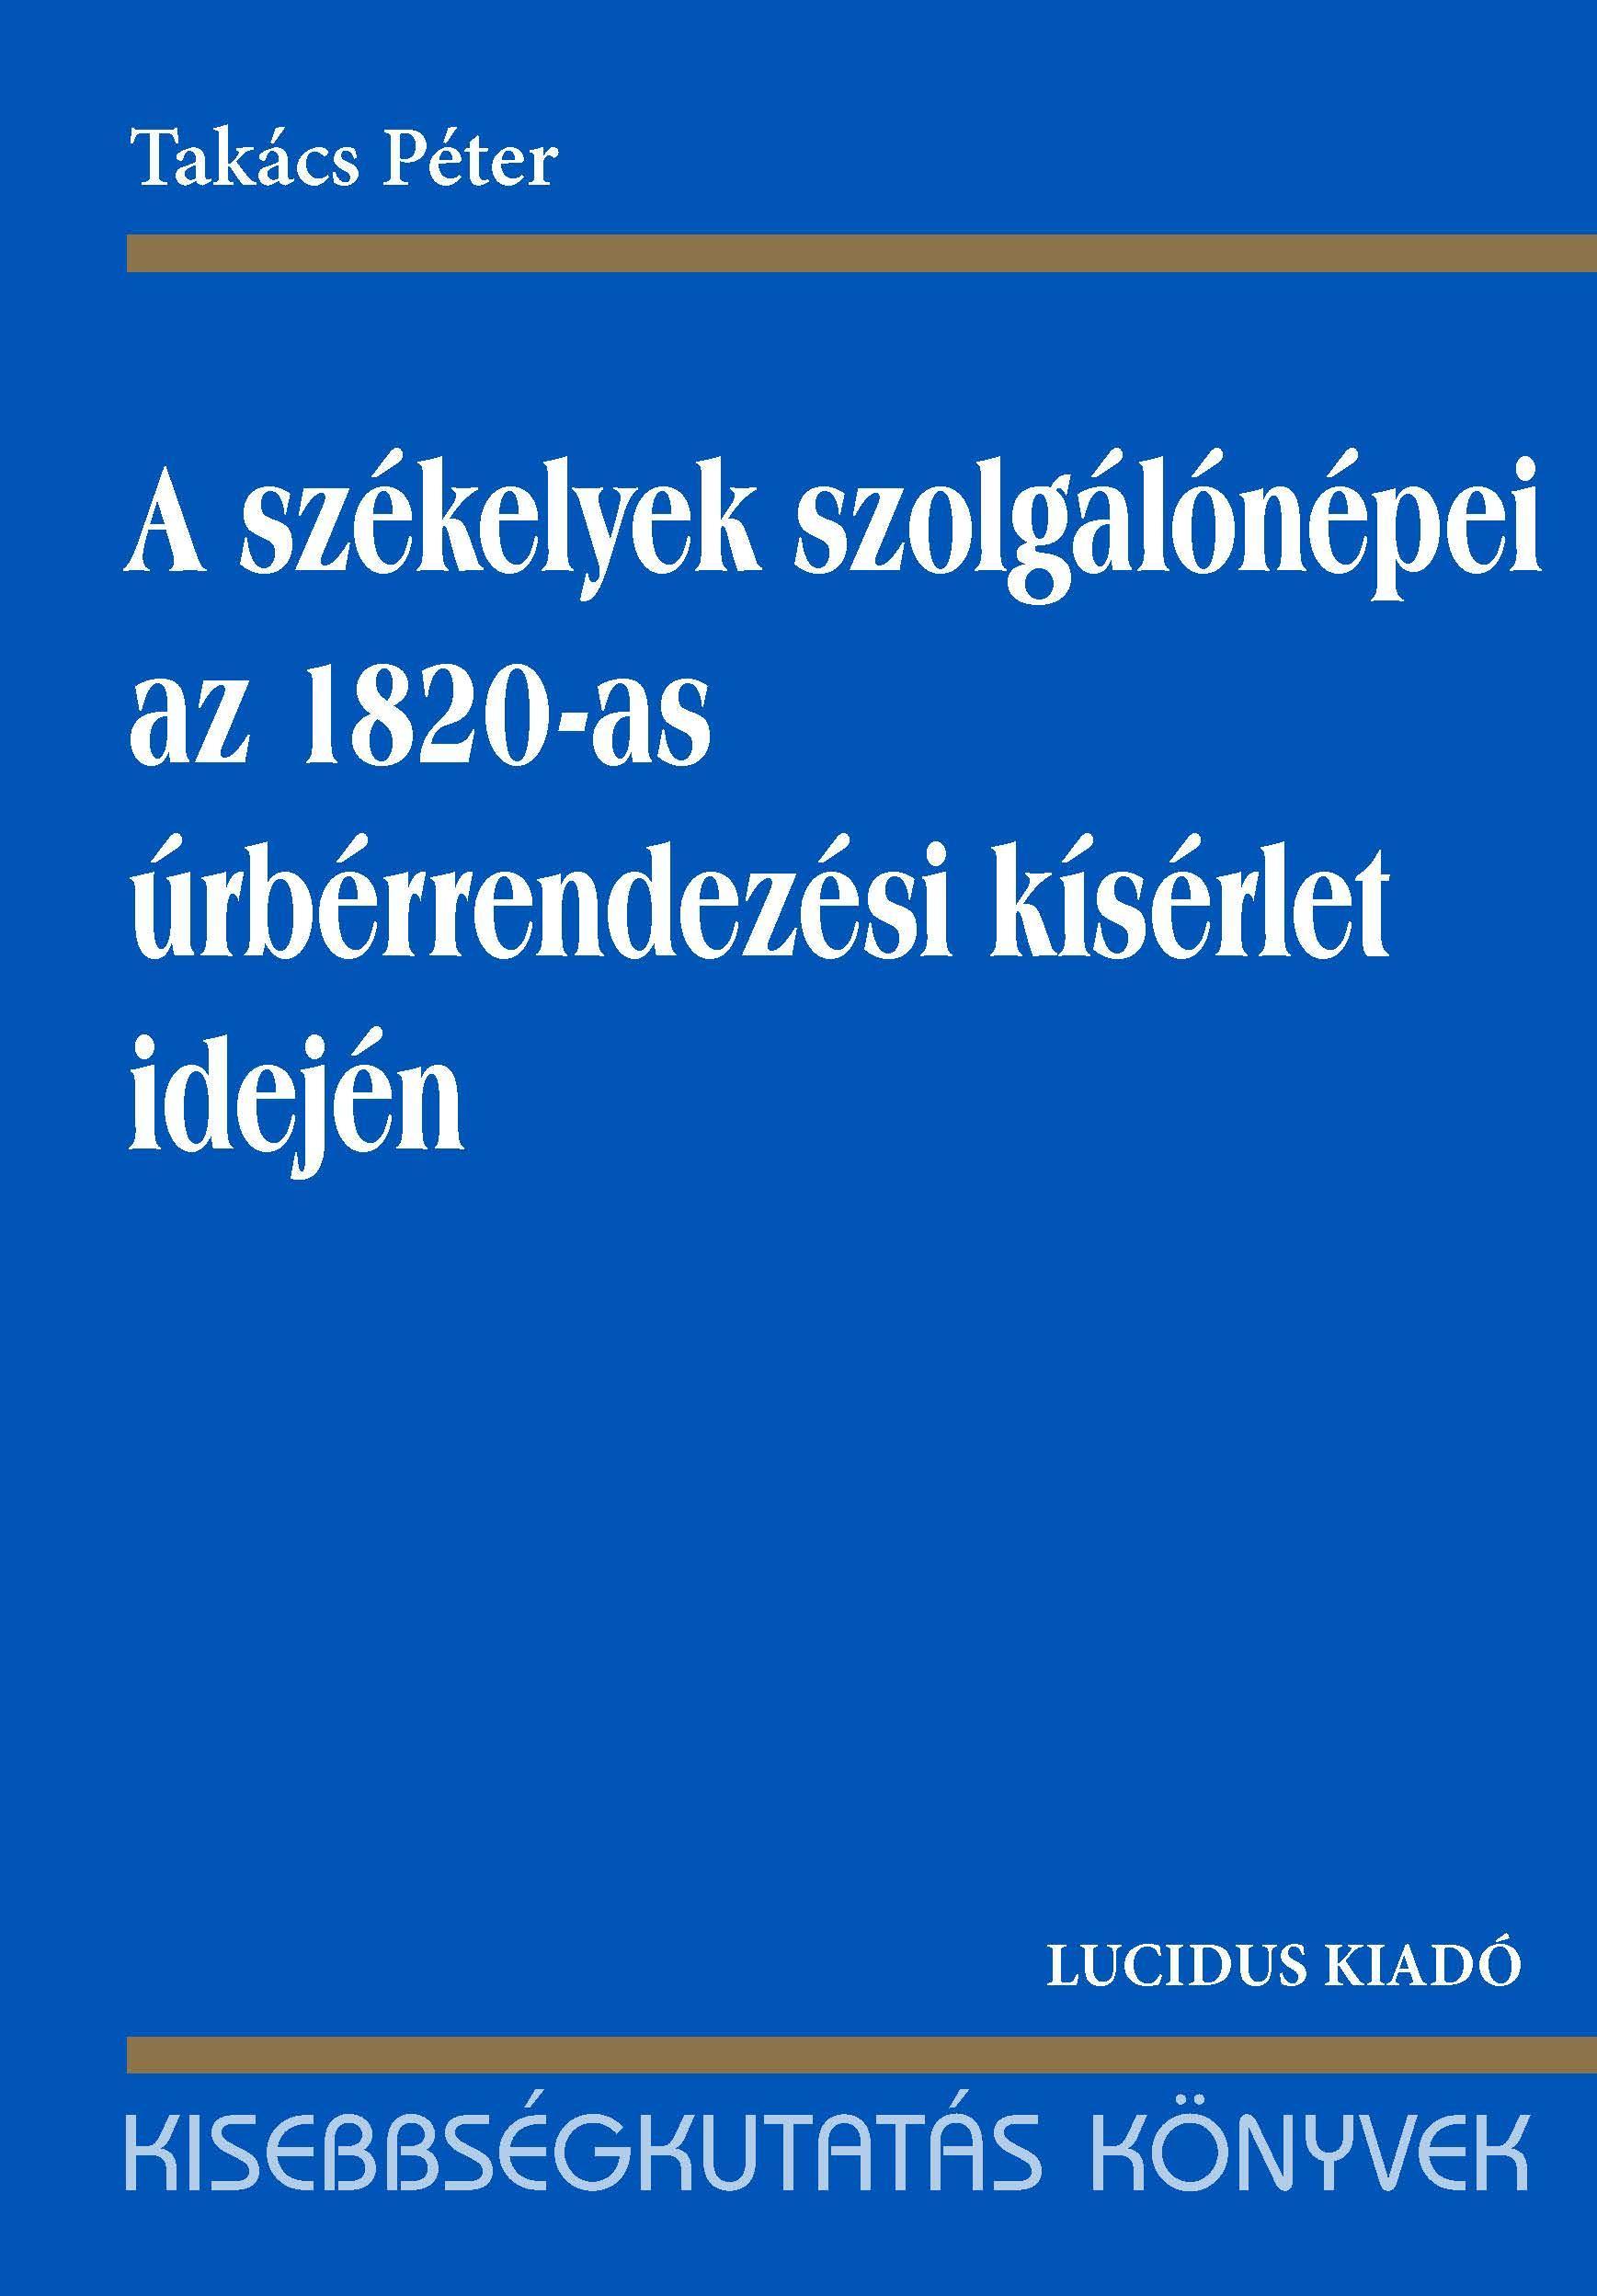 A SZÉKELYEK SZOLGÁLÓNÉPEI AZ 1820-AS ÚRBÉRRENDEZÉSI KÍSÉRLET IDEJÉN